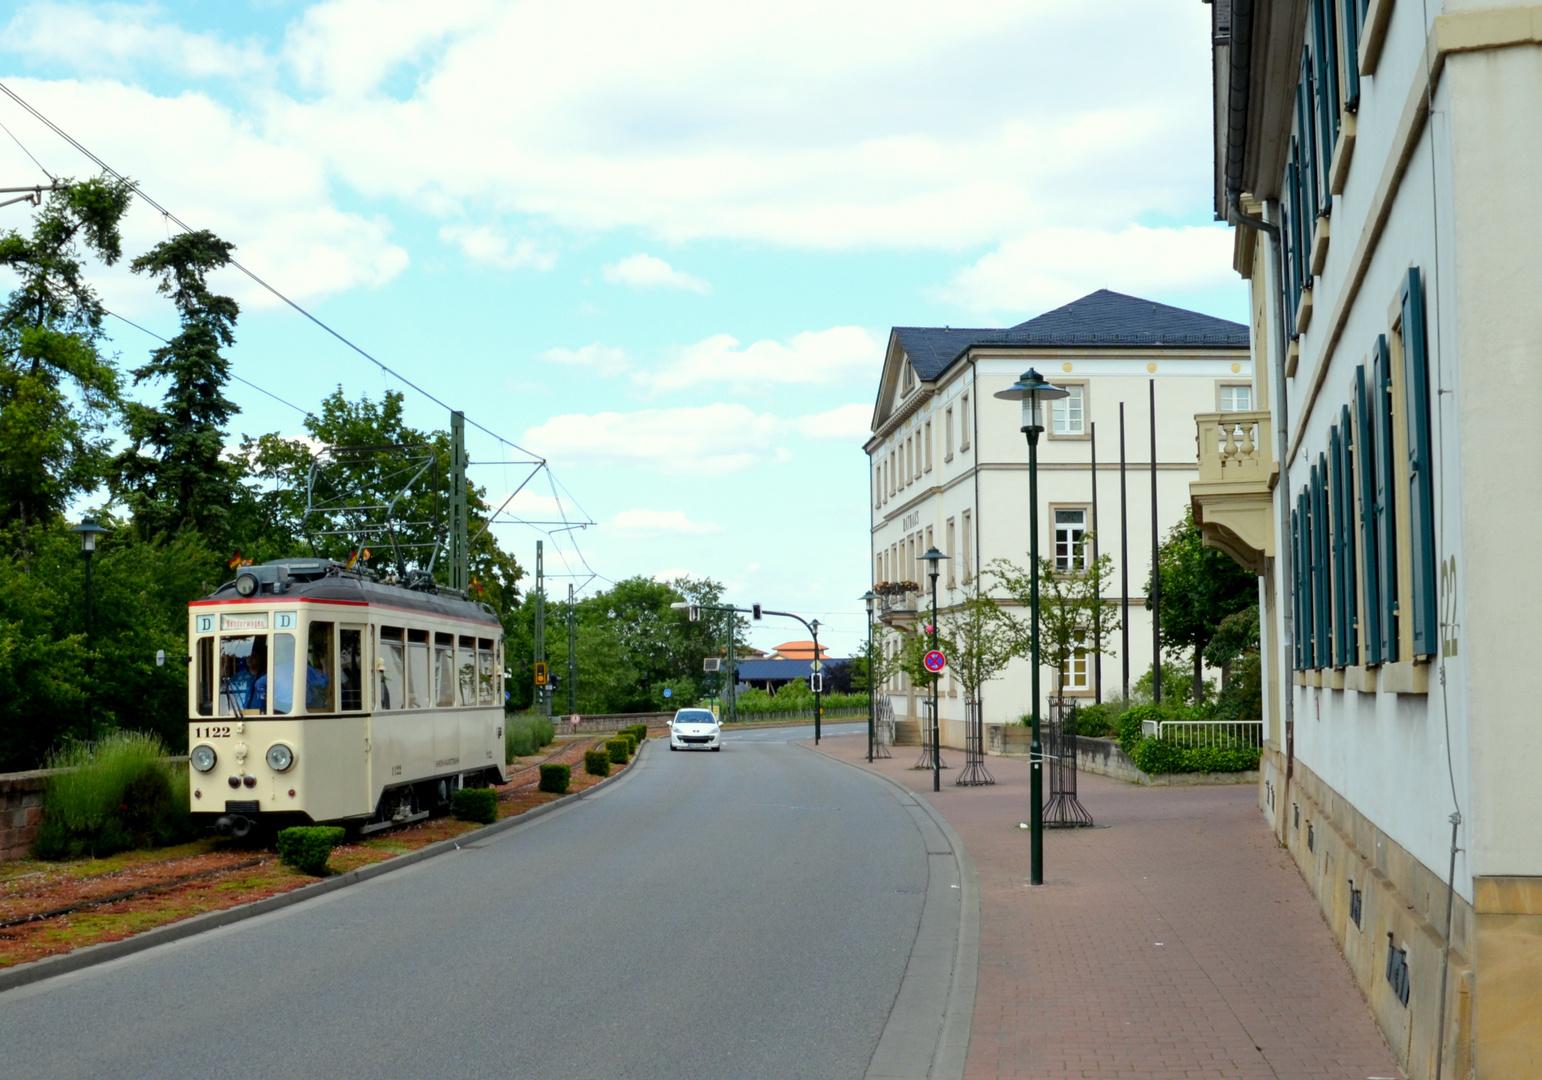 Rhein-Haardt-Bahn